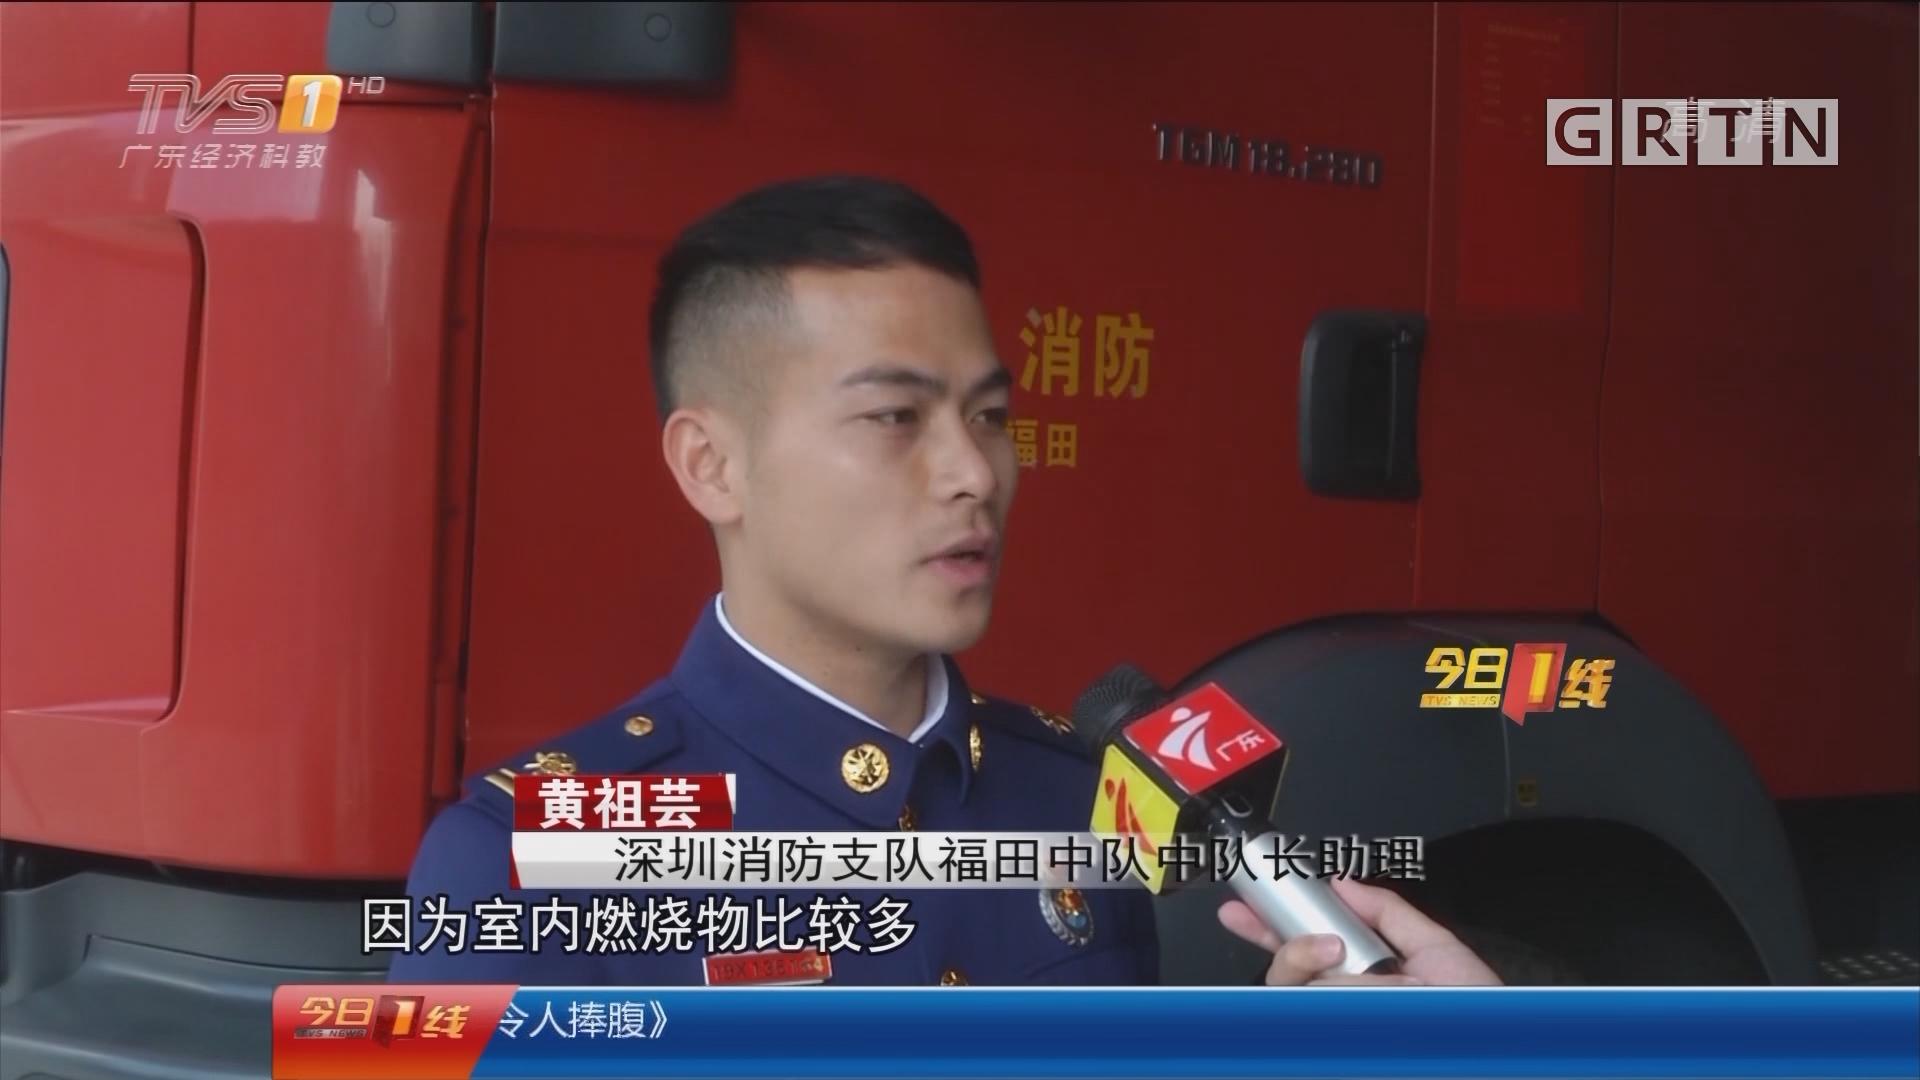 深圳:室内祭拜引火灾4人被困